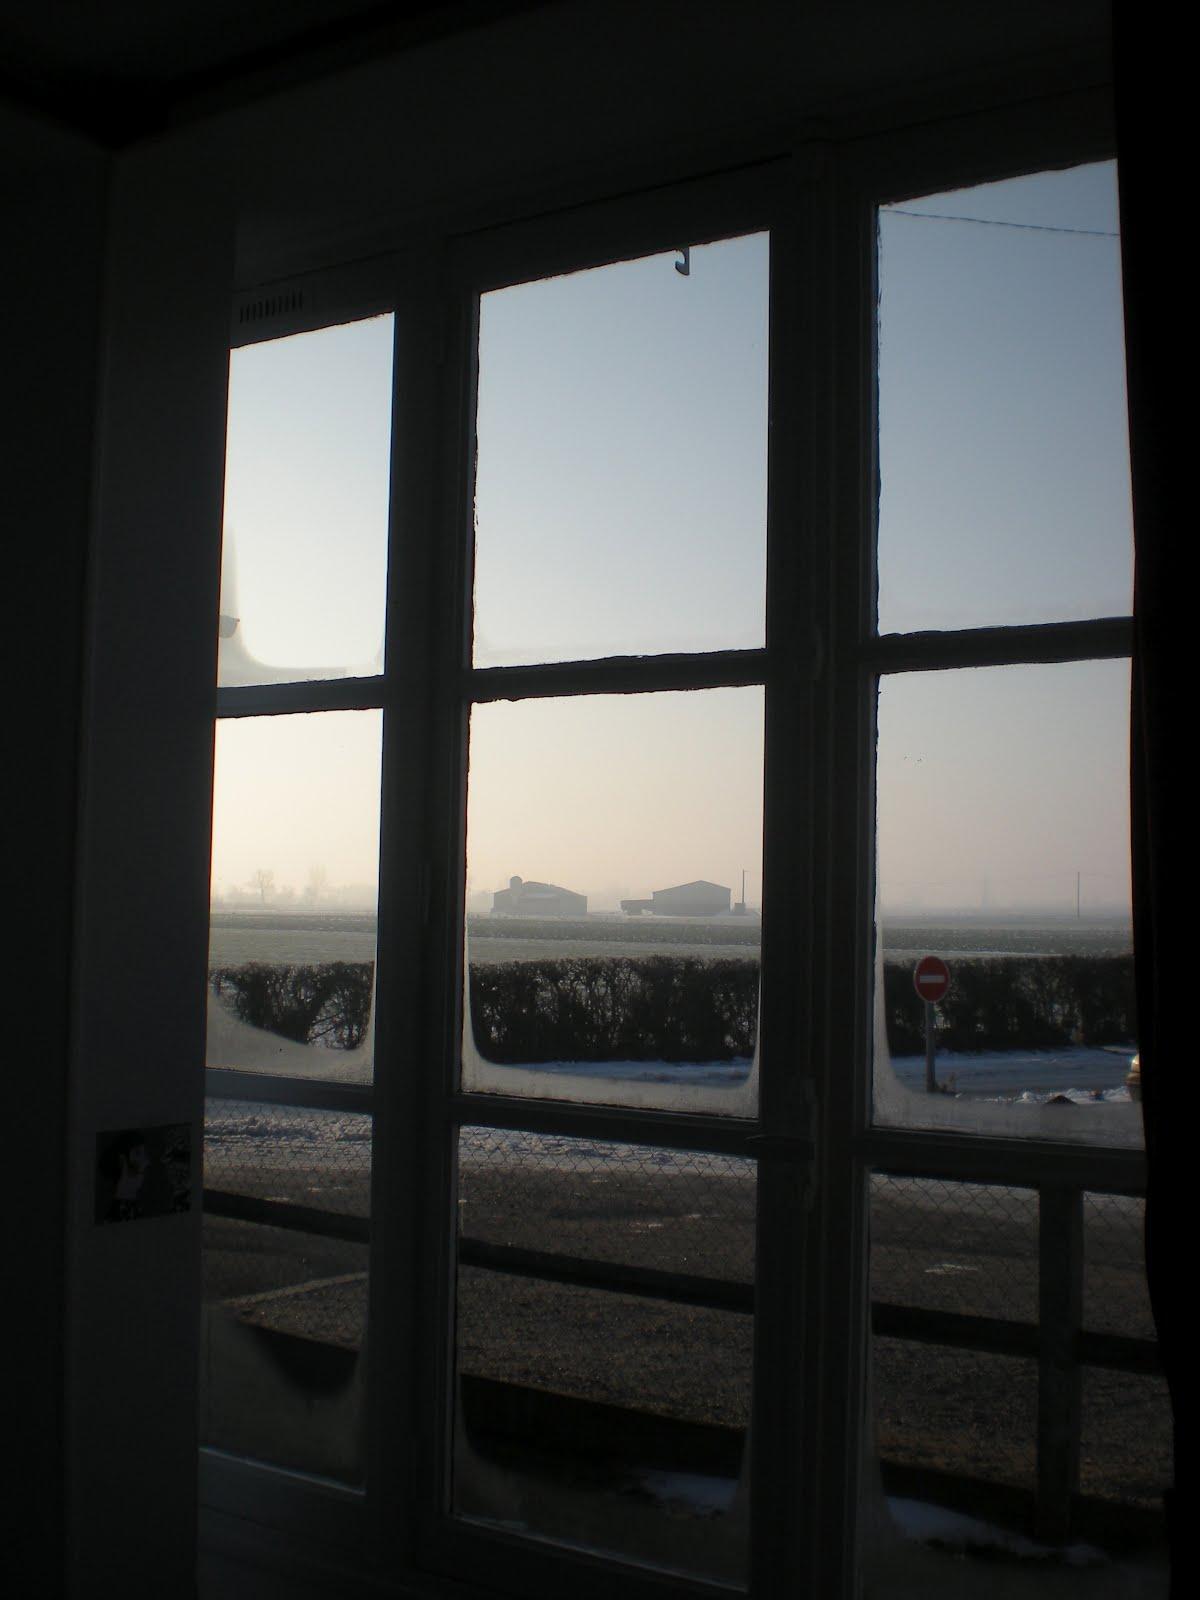 Auteur en travaux fen tre sur neige for La fenetre soleil saigon